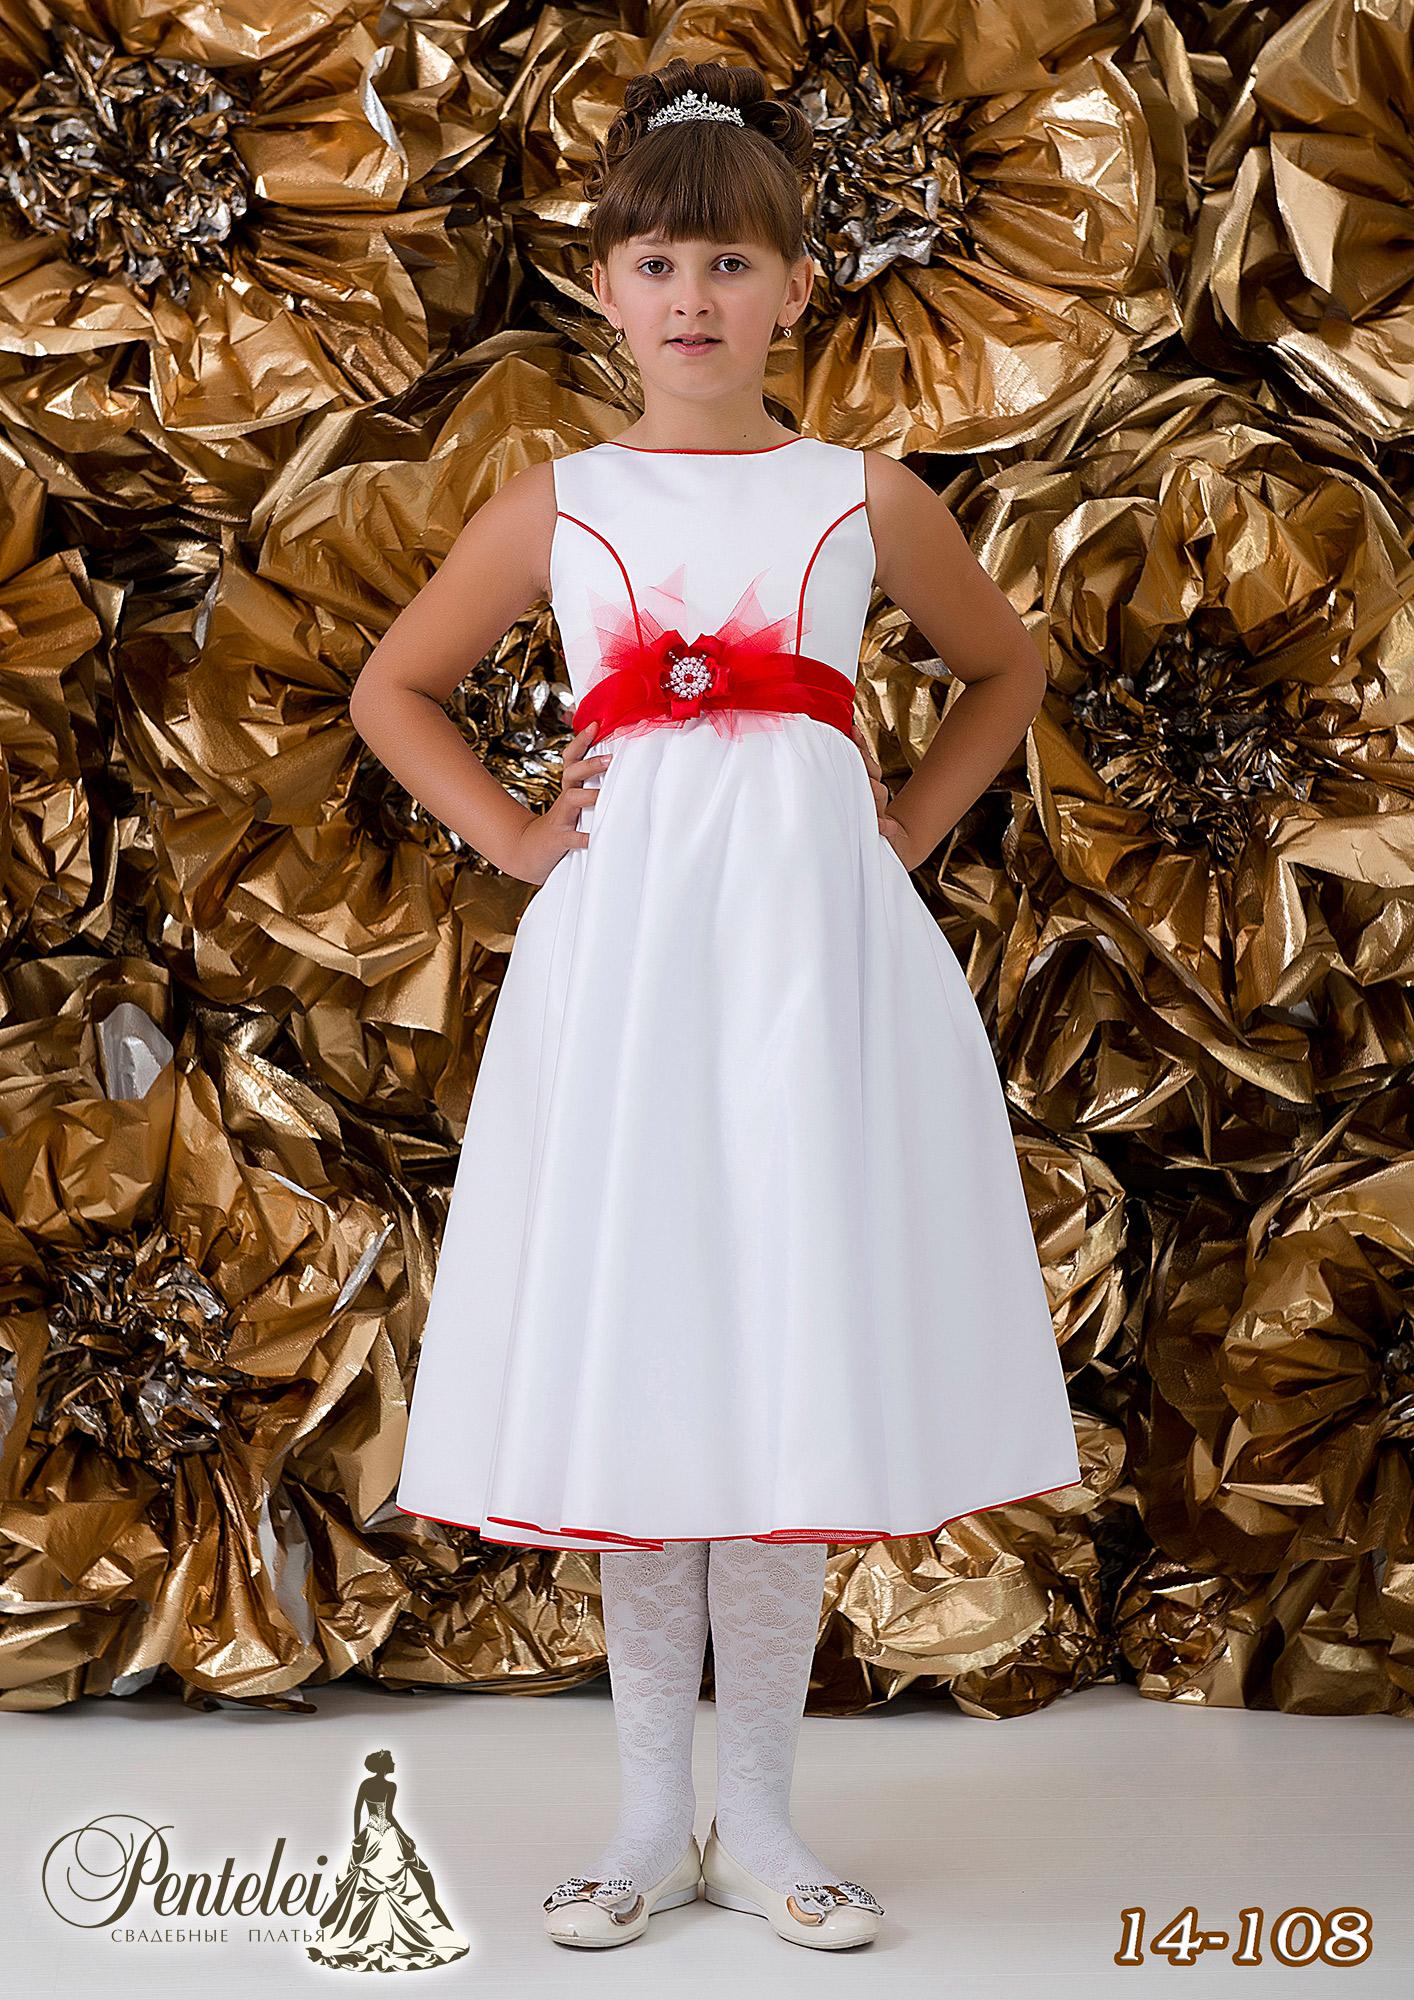 14-108 | Купити дитячі сукні оптом від Pentelei